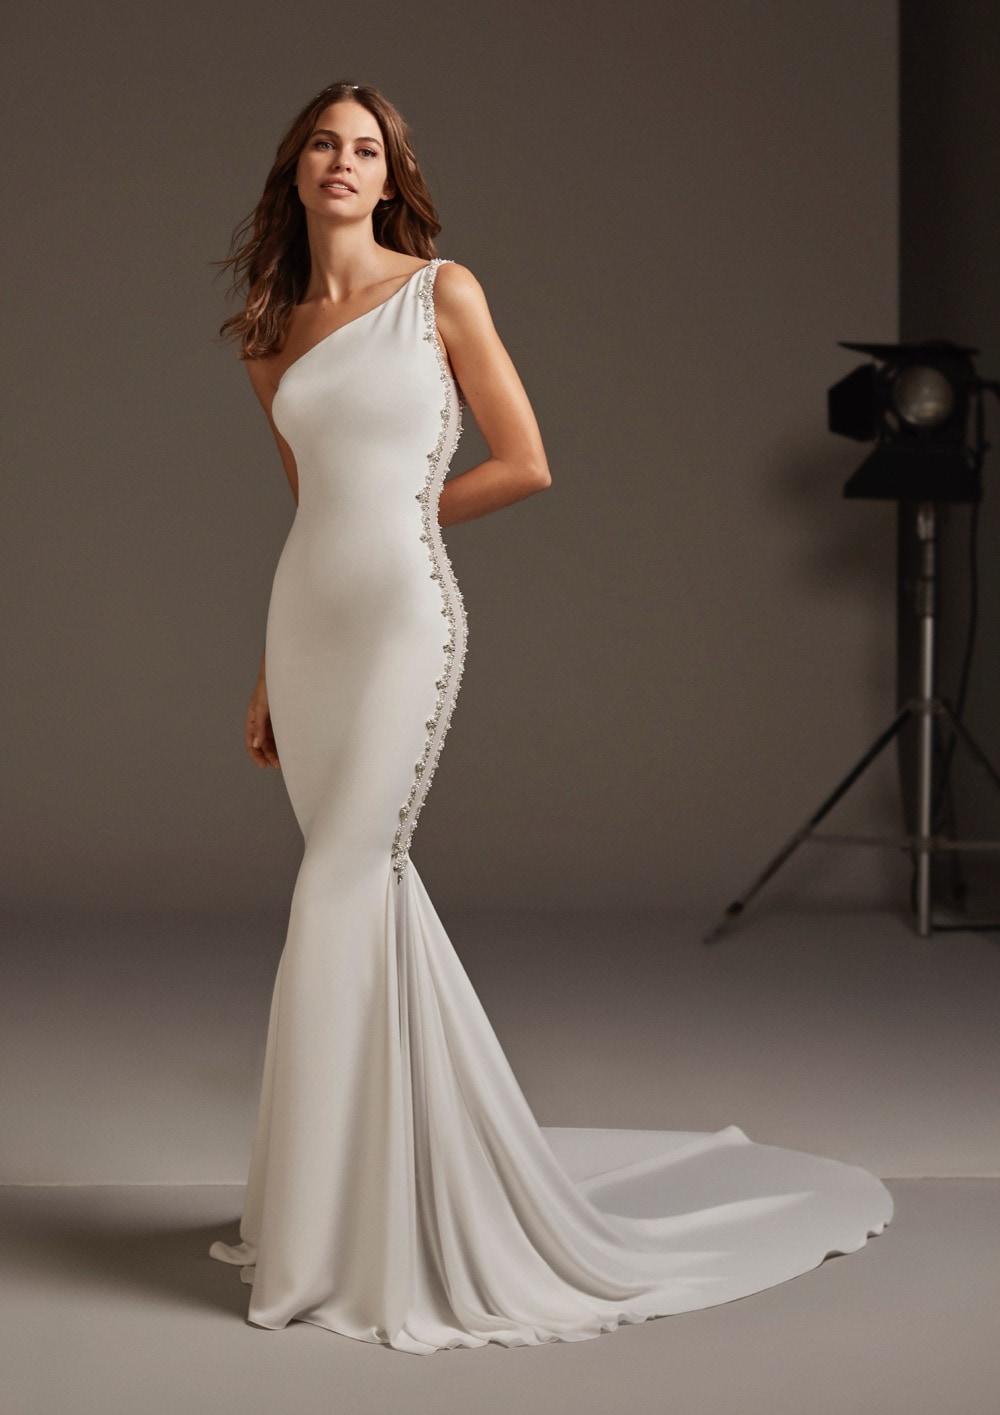 Brautkleid mit One Shoulder-Ausschnitt von Pronovias